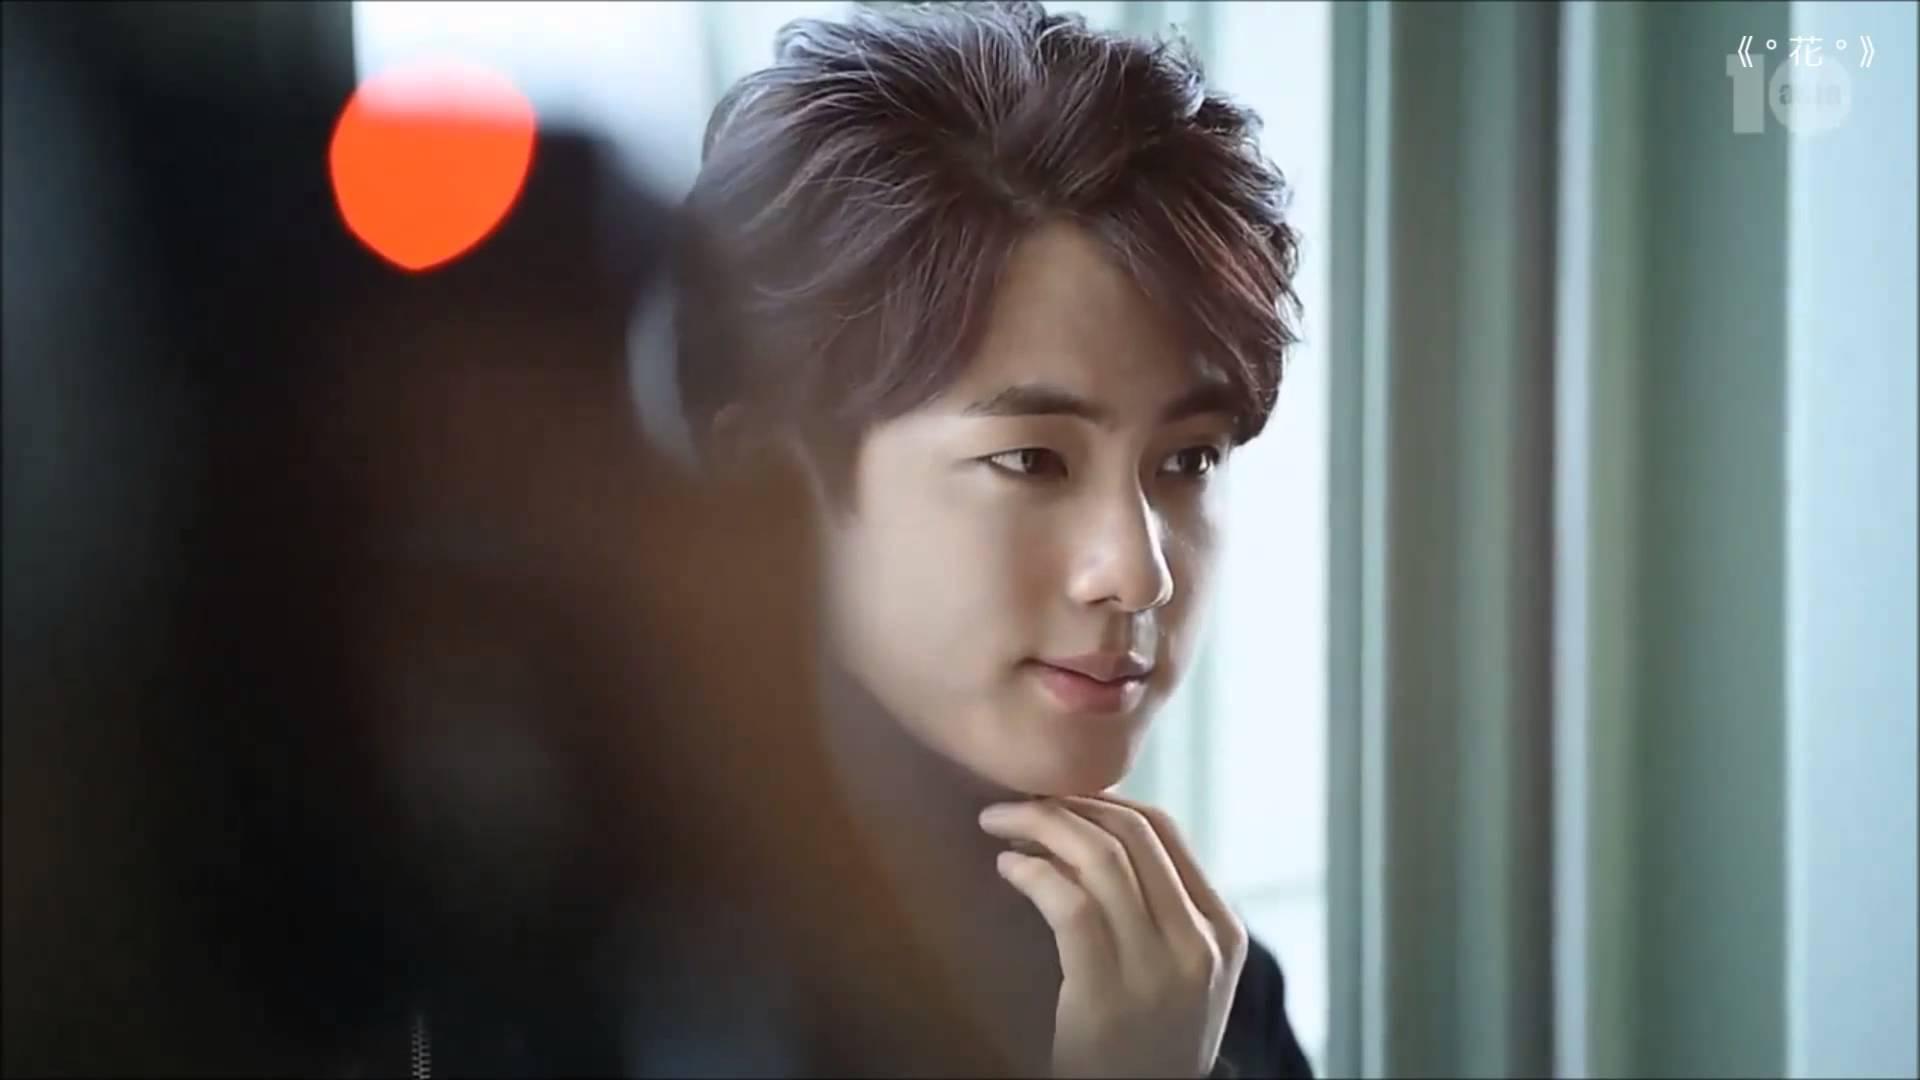 Seokjin Jin Bts Wallpaper 40936522 Fanpop